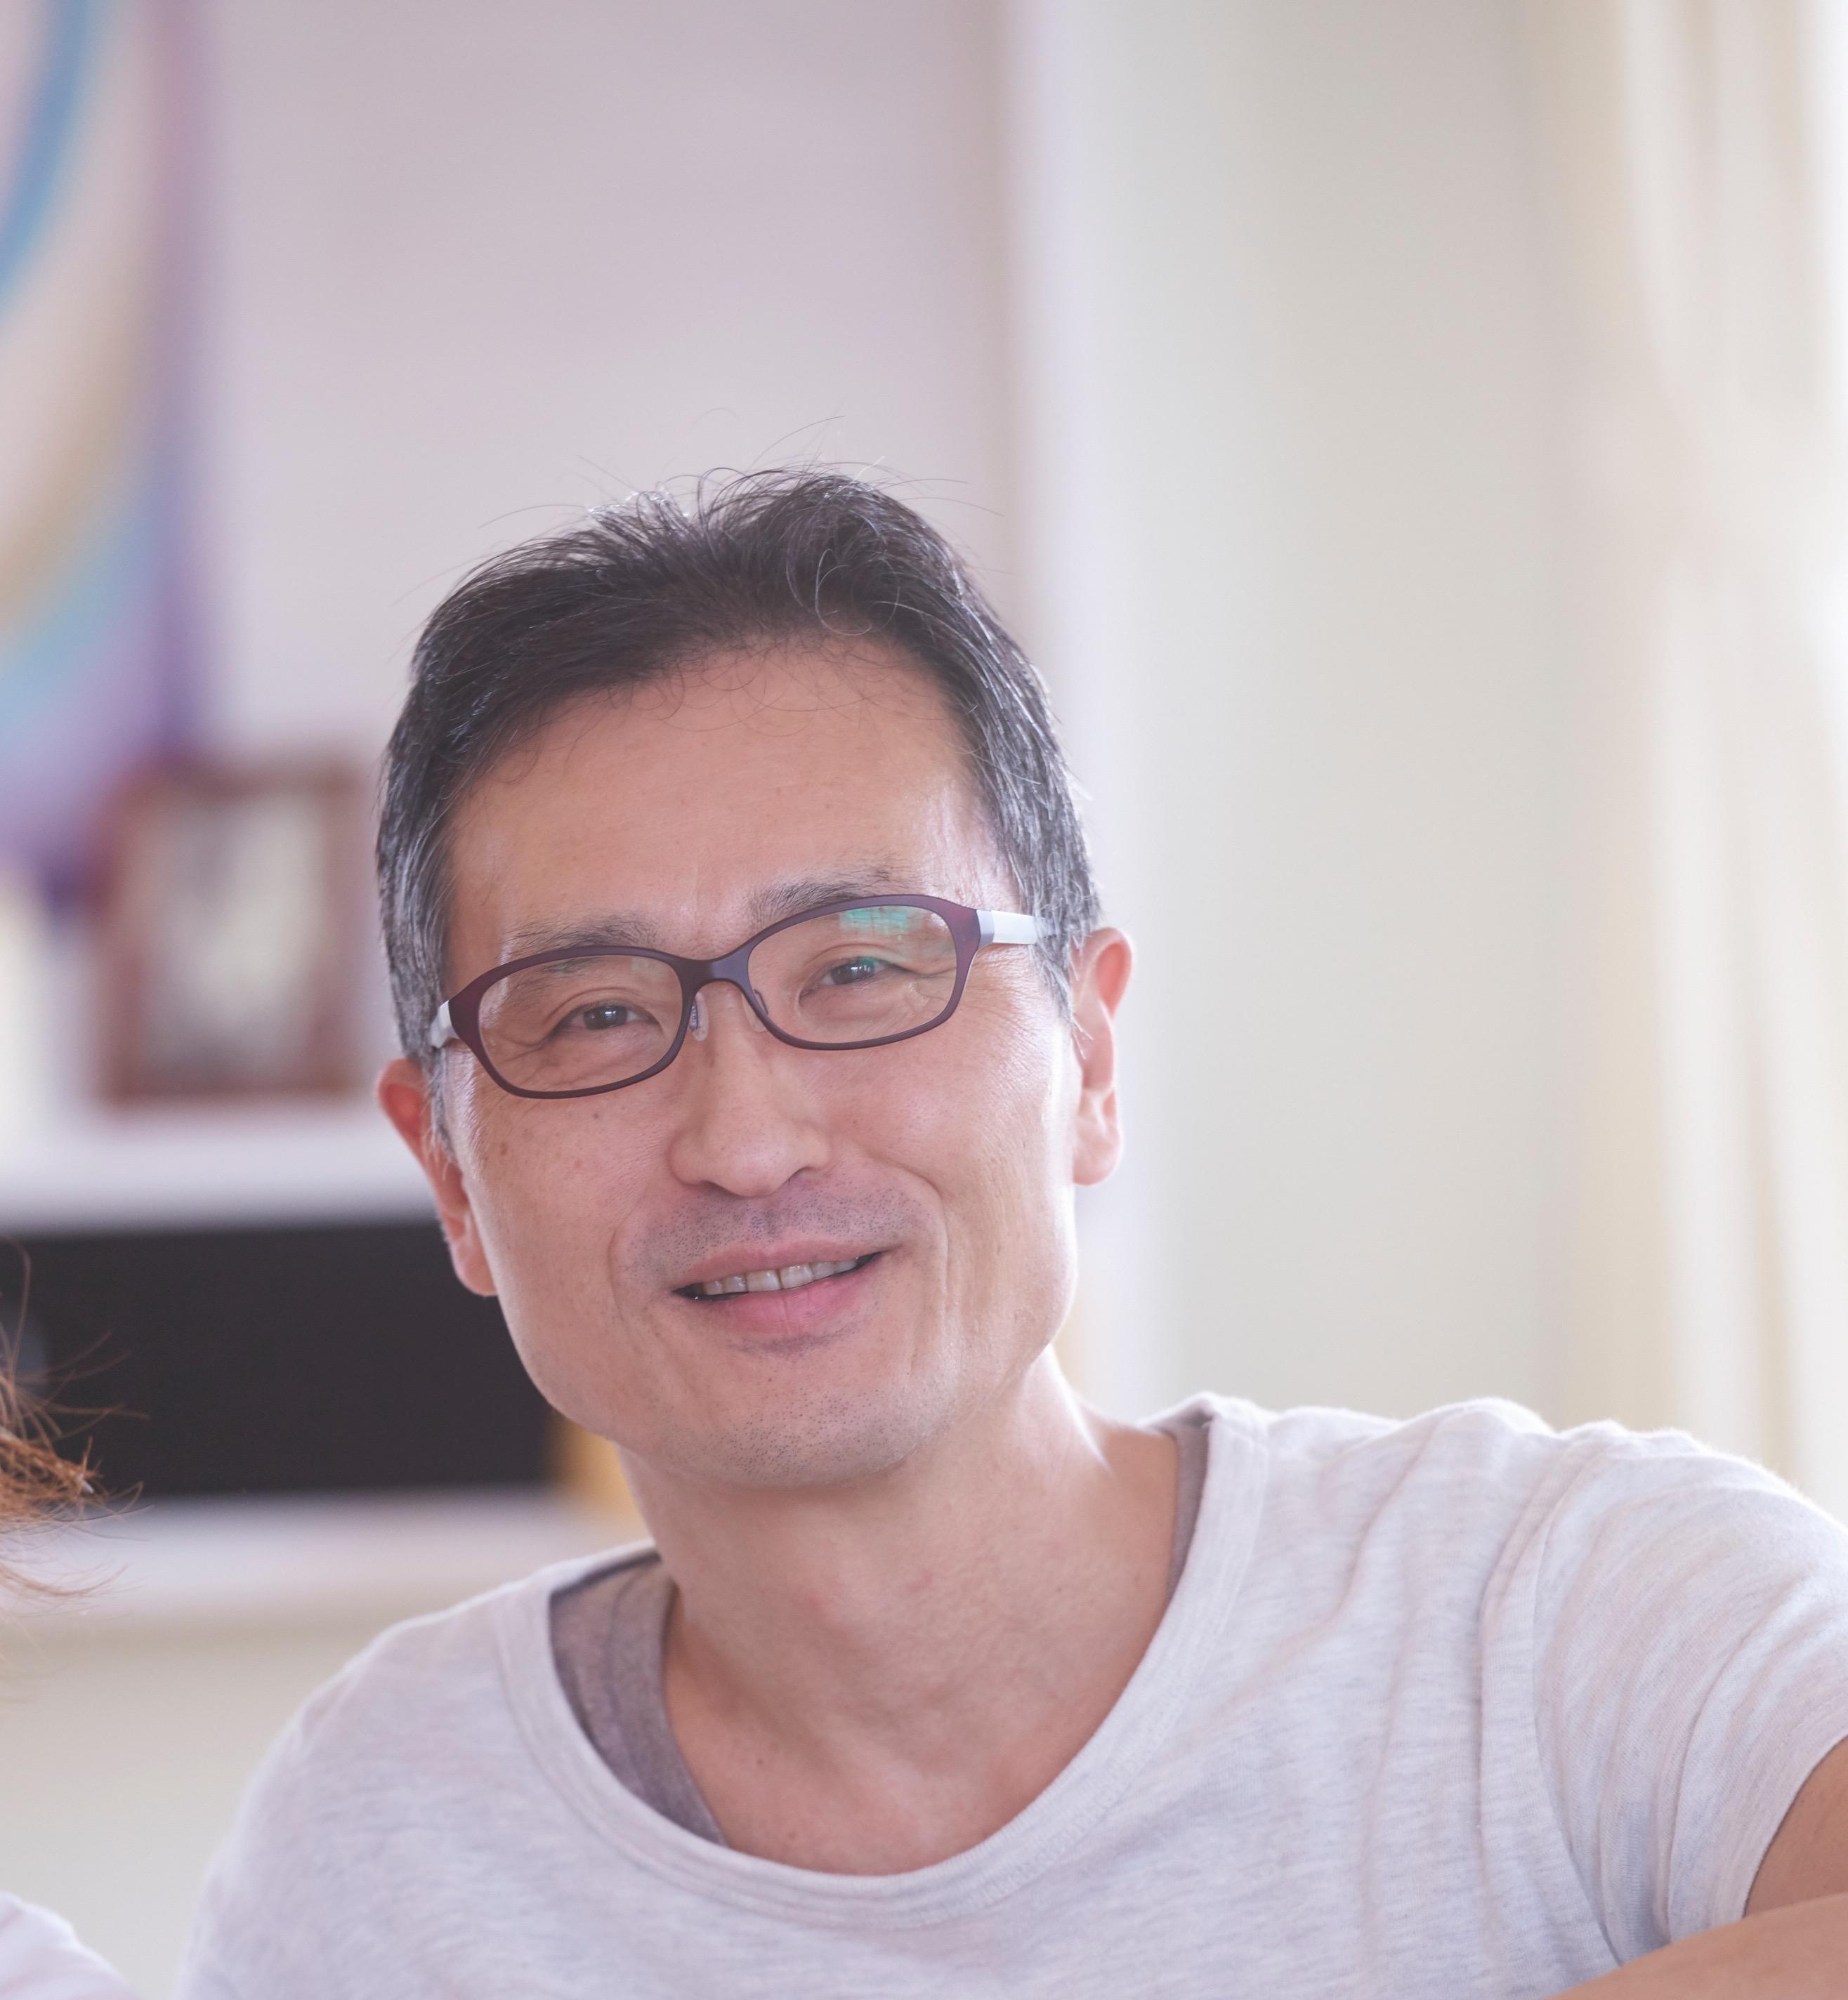 【博多】4/29 三浦徒志郎さんの「呼吸から深まる瞑想体験」